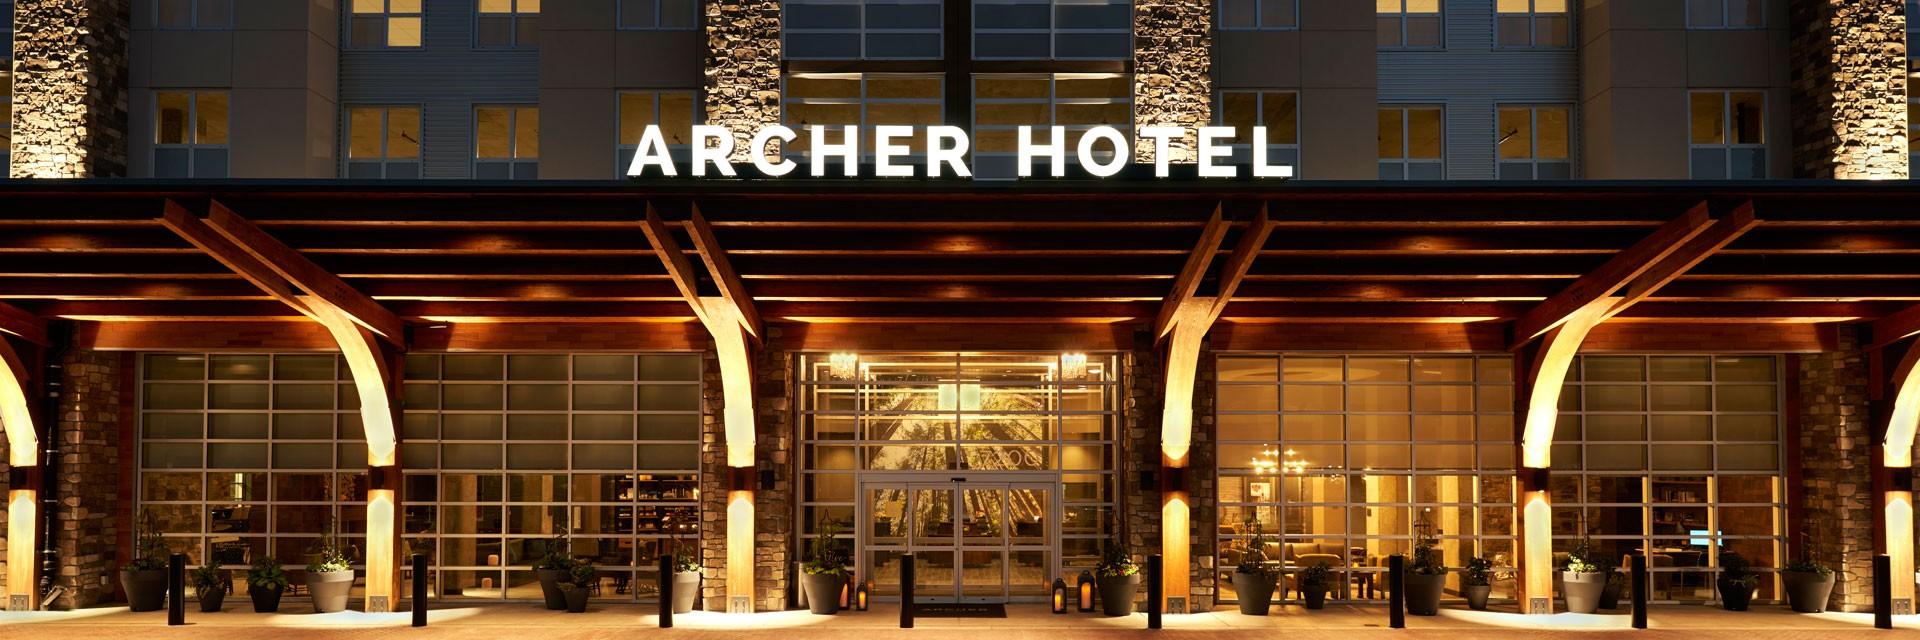 Archer Hotel Redmond exterior rendering